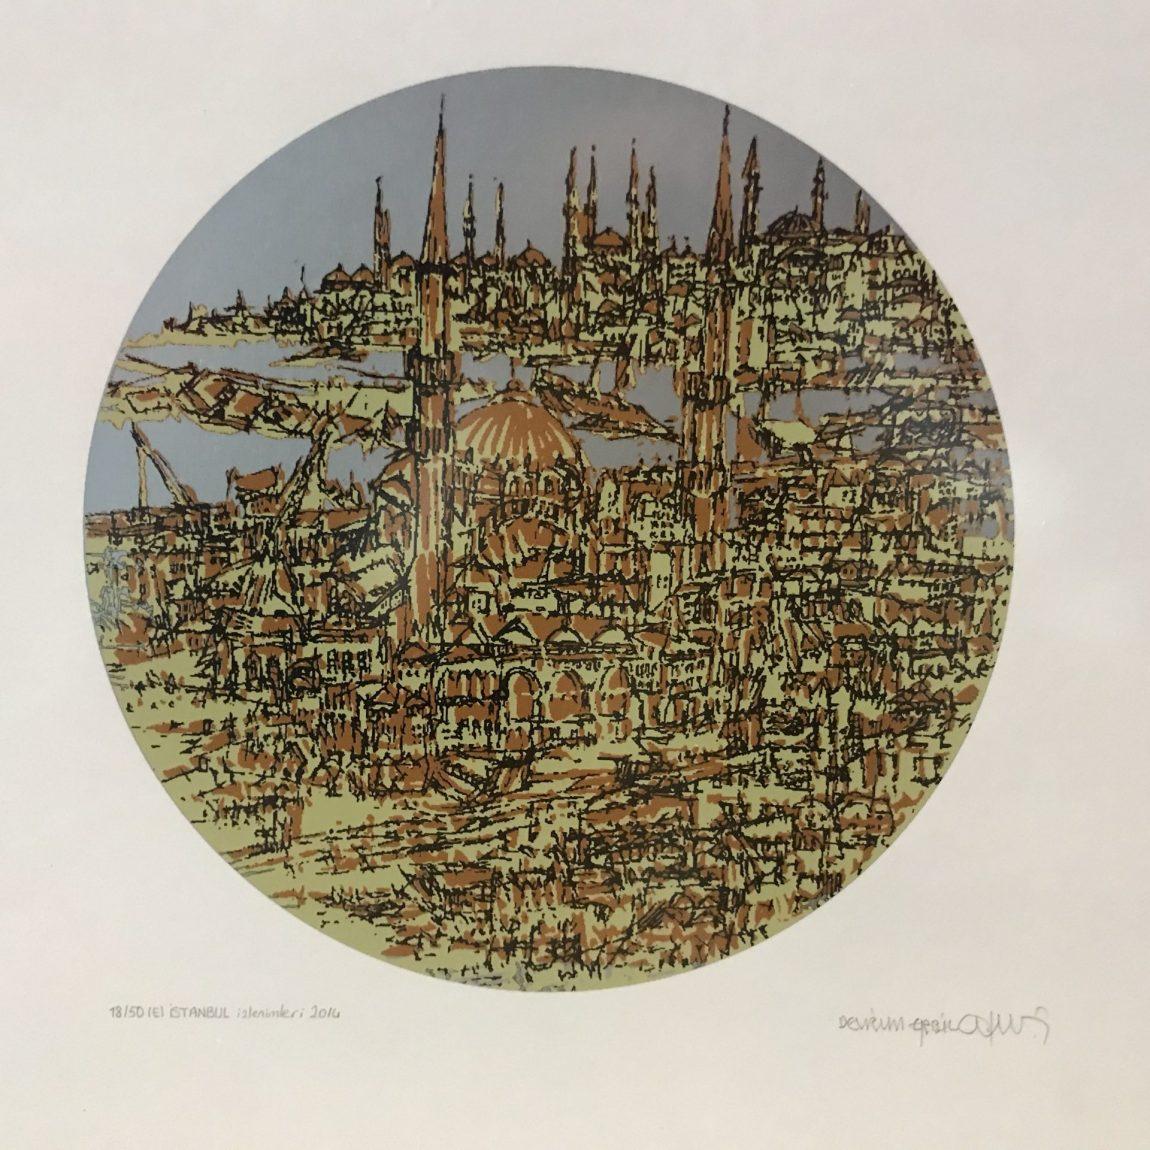 Devrim Erbil Teknik: Özgün Baskı  Çap :  28  cm  Fiyat : 3.500 TL